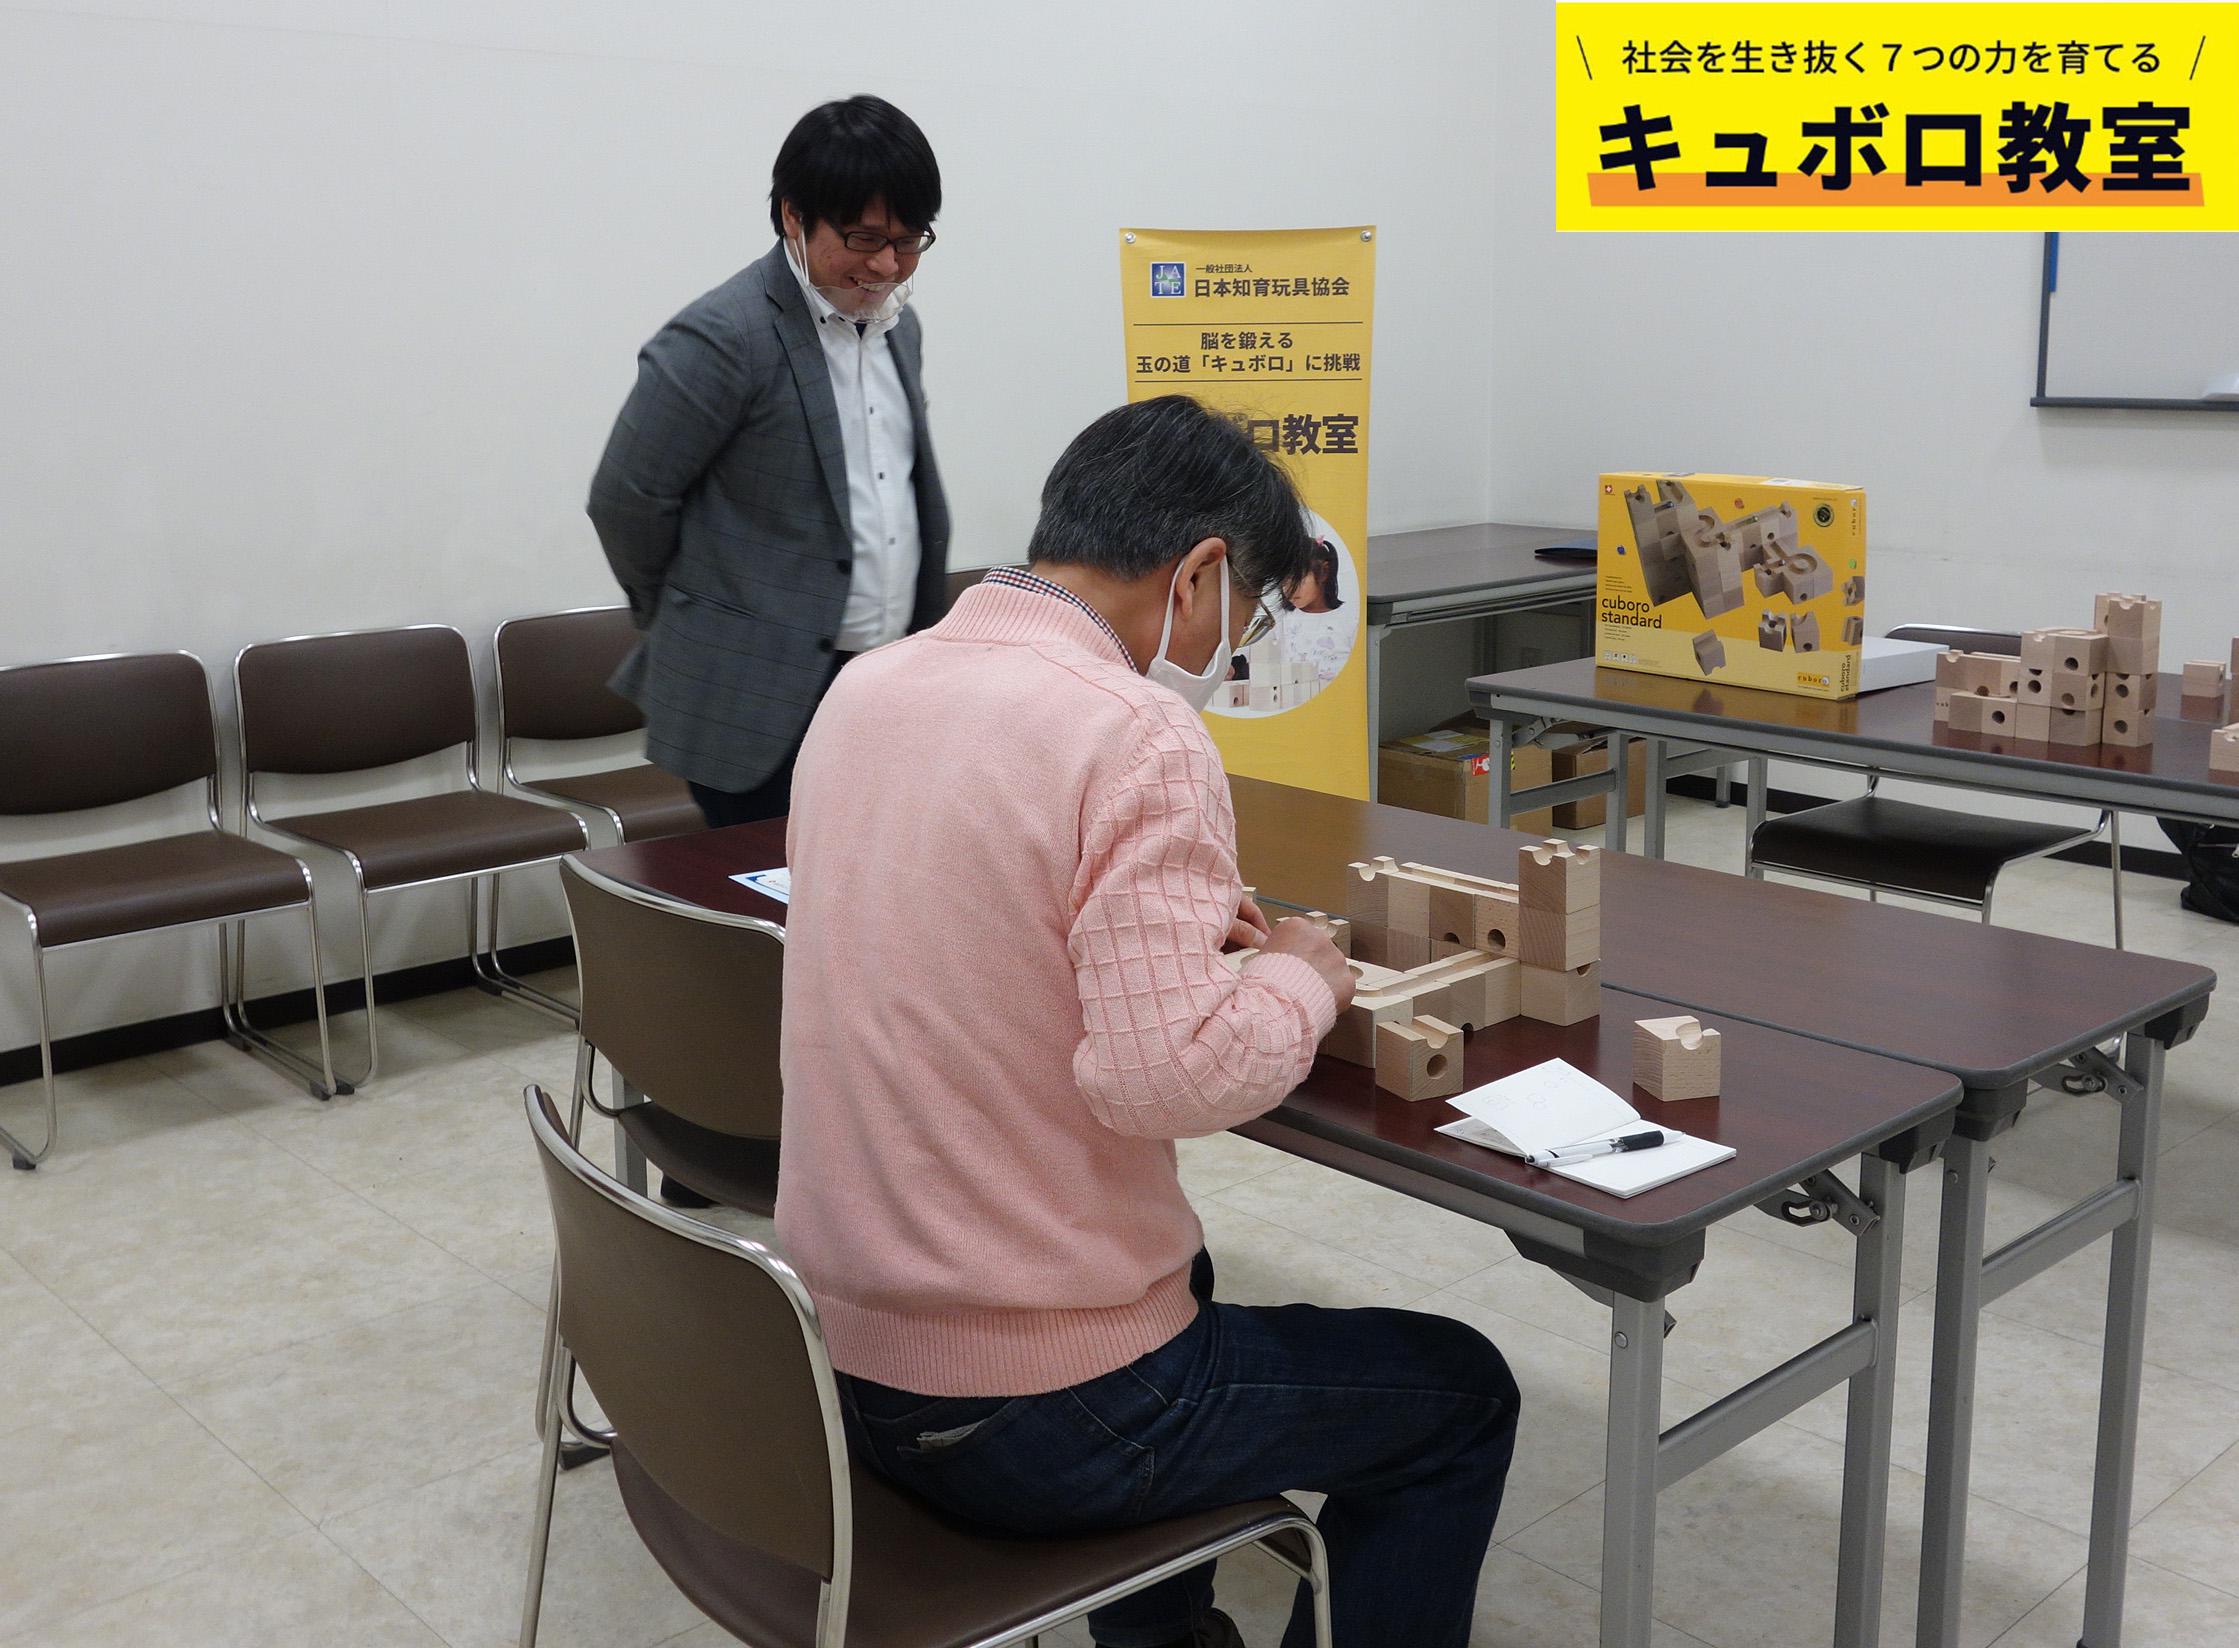 210403キュボロ教室_奈良登美ヶ丘産経学園02